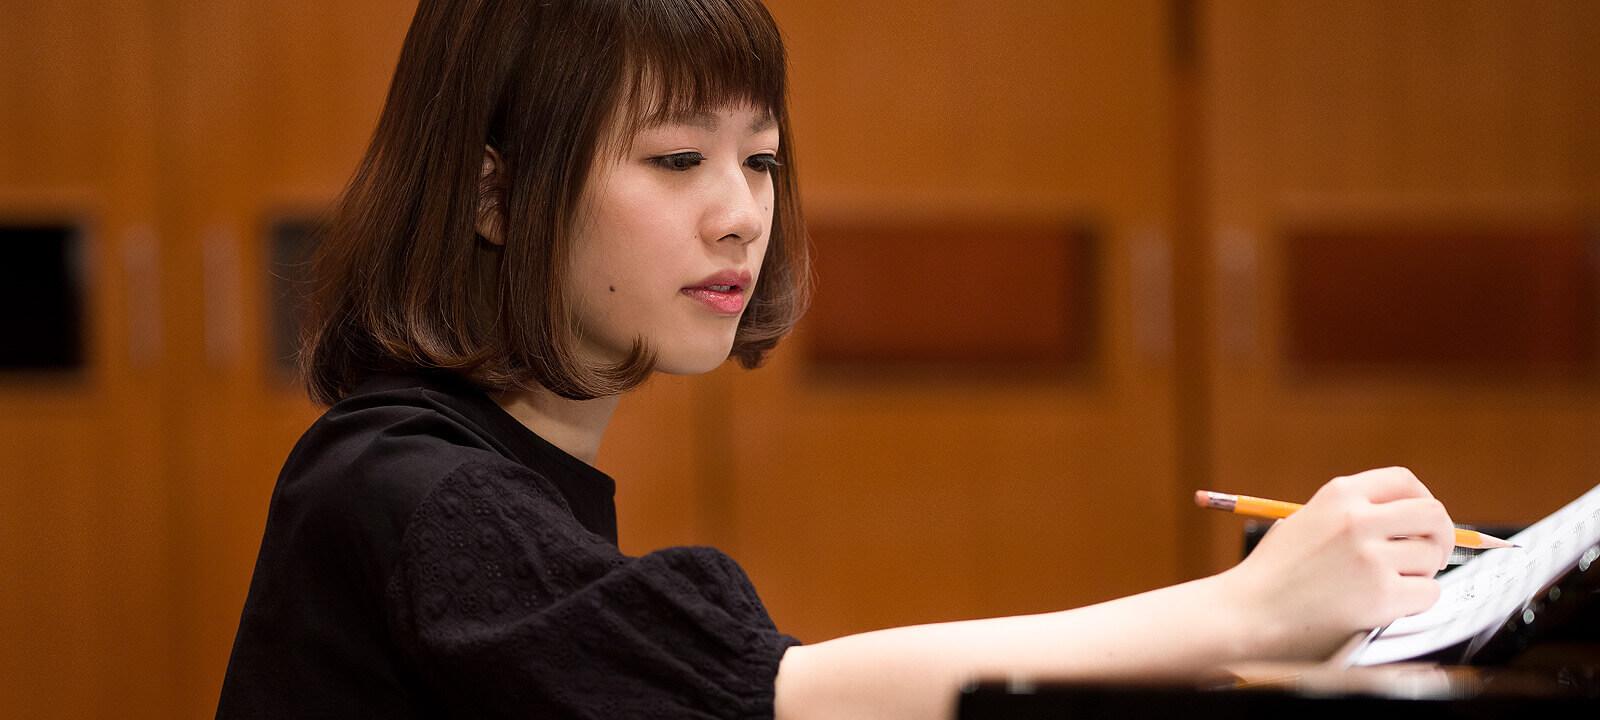 櫻井 美希 MIKISAKURAI